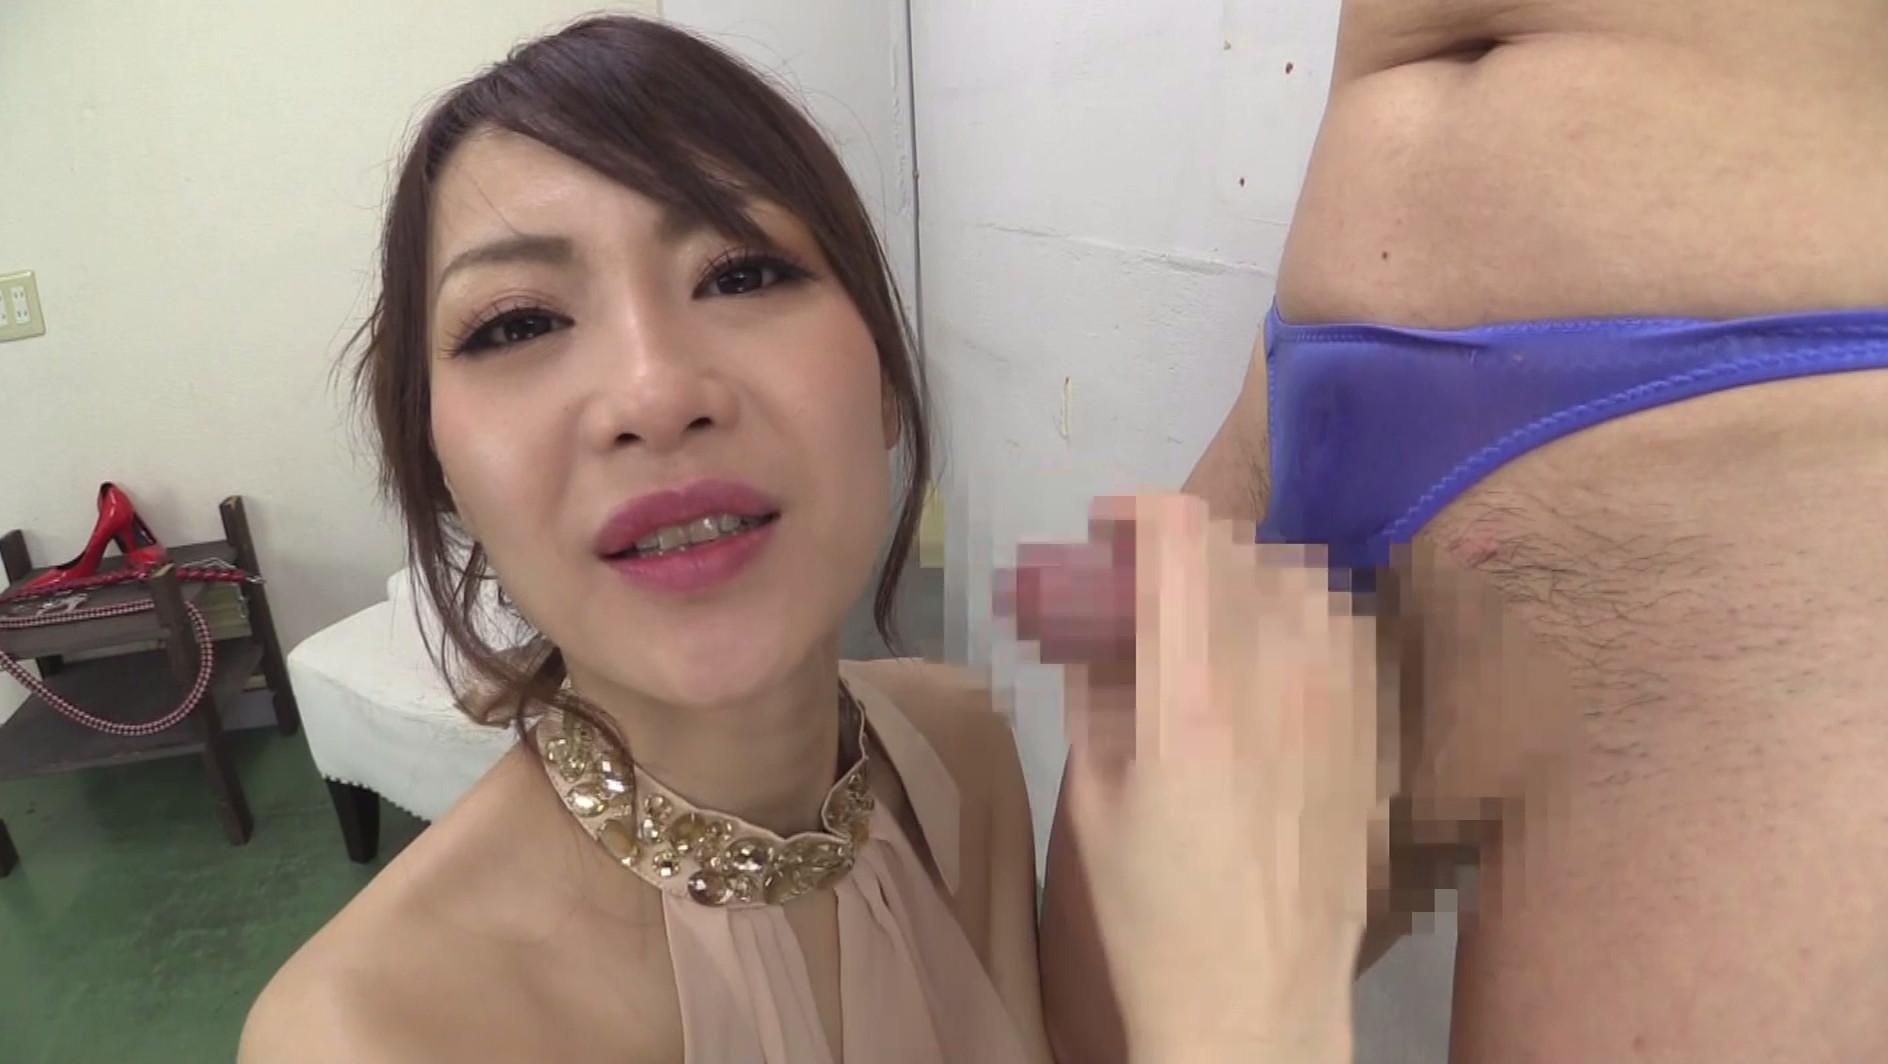 甘い躾 M男の理想的エロス Vol.5 広瀬奈々美 画像5